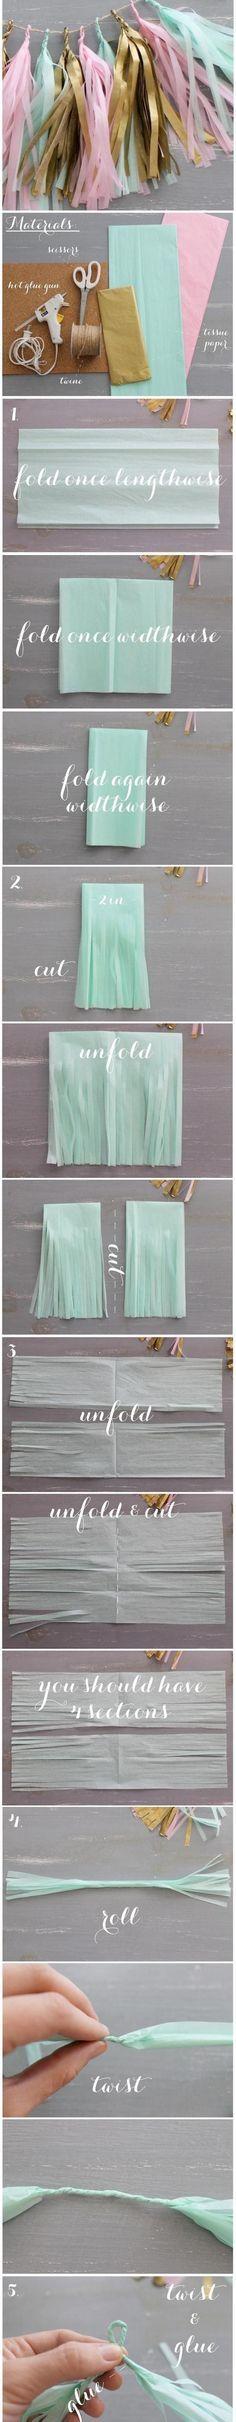 DIY: Confetti System Inspired Tissue Paper Tassel Garland